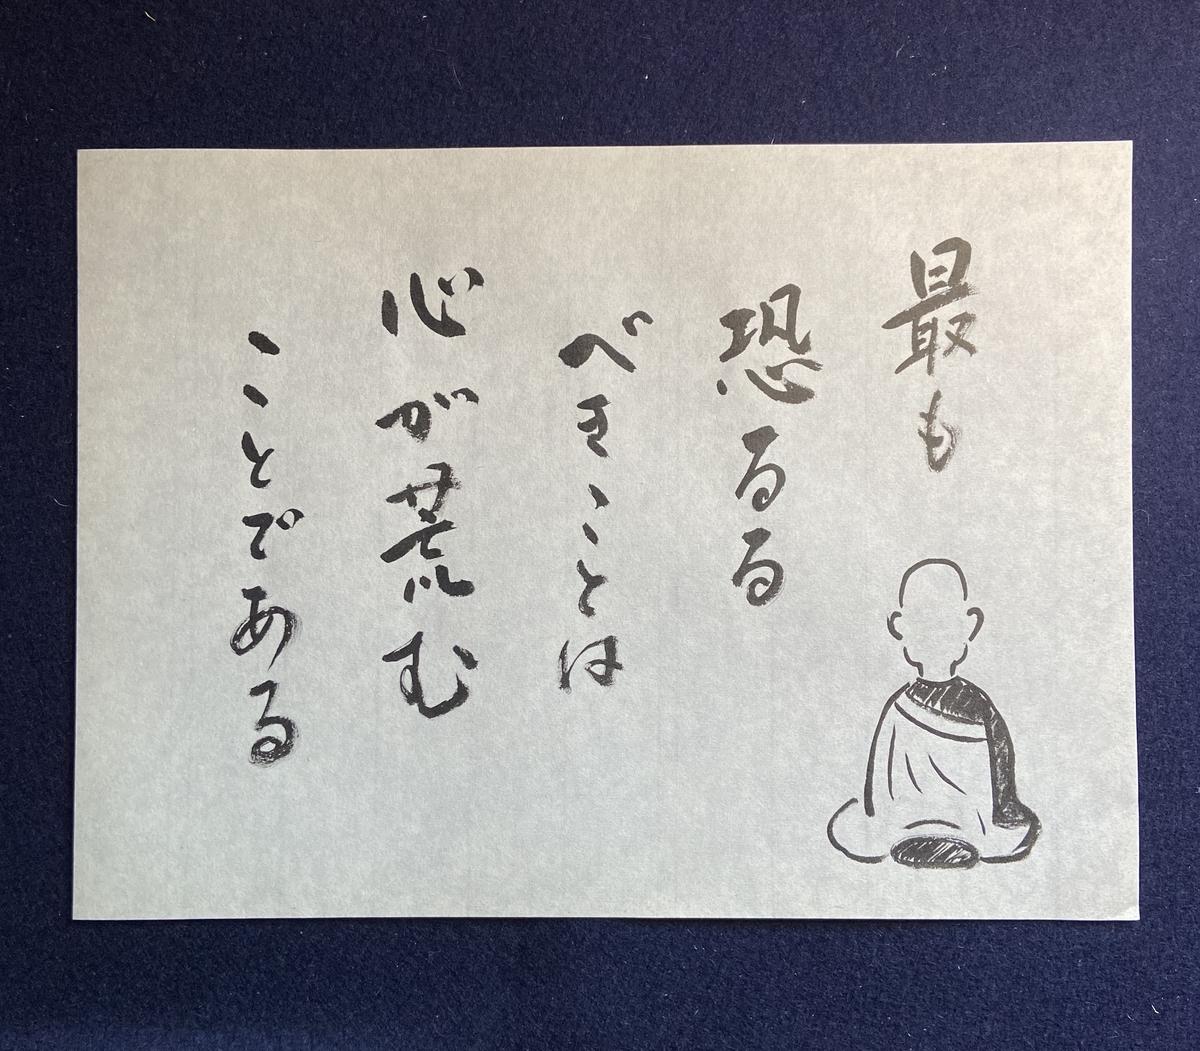 f:id:saifukuji:20200506181310j:plain